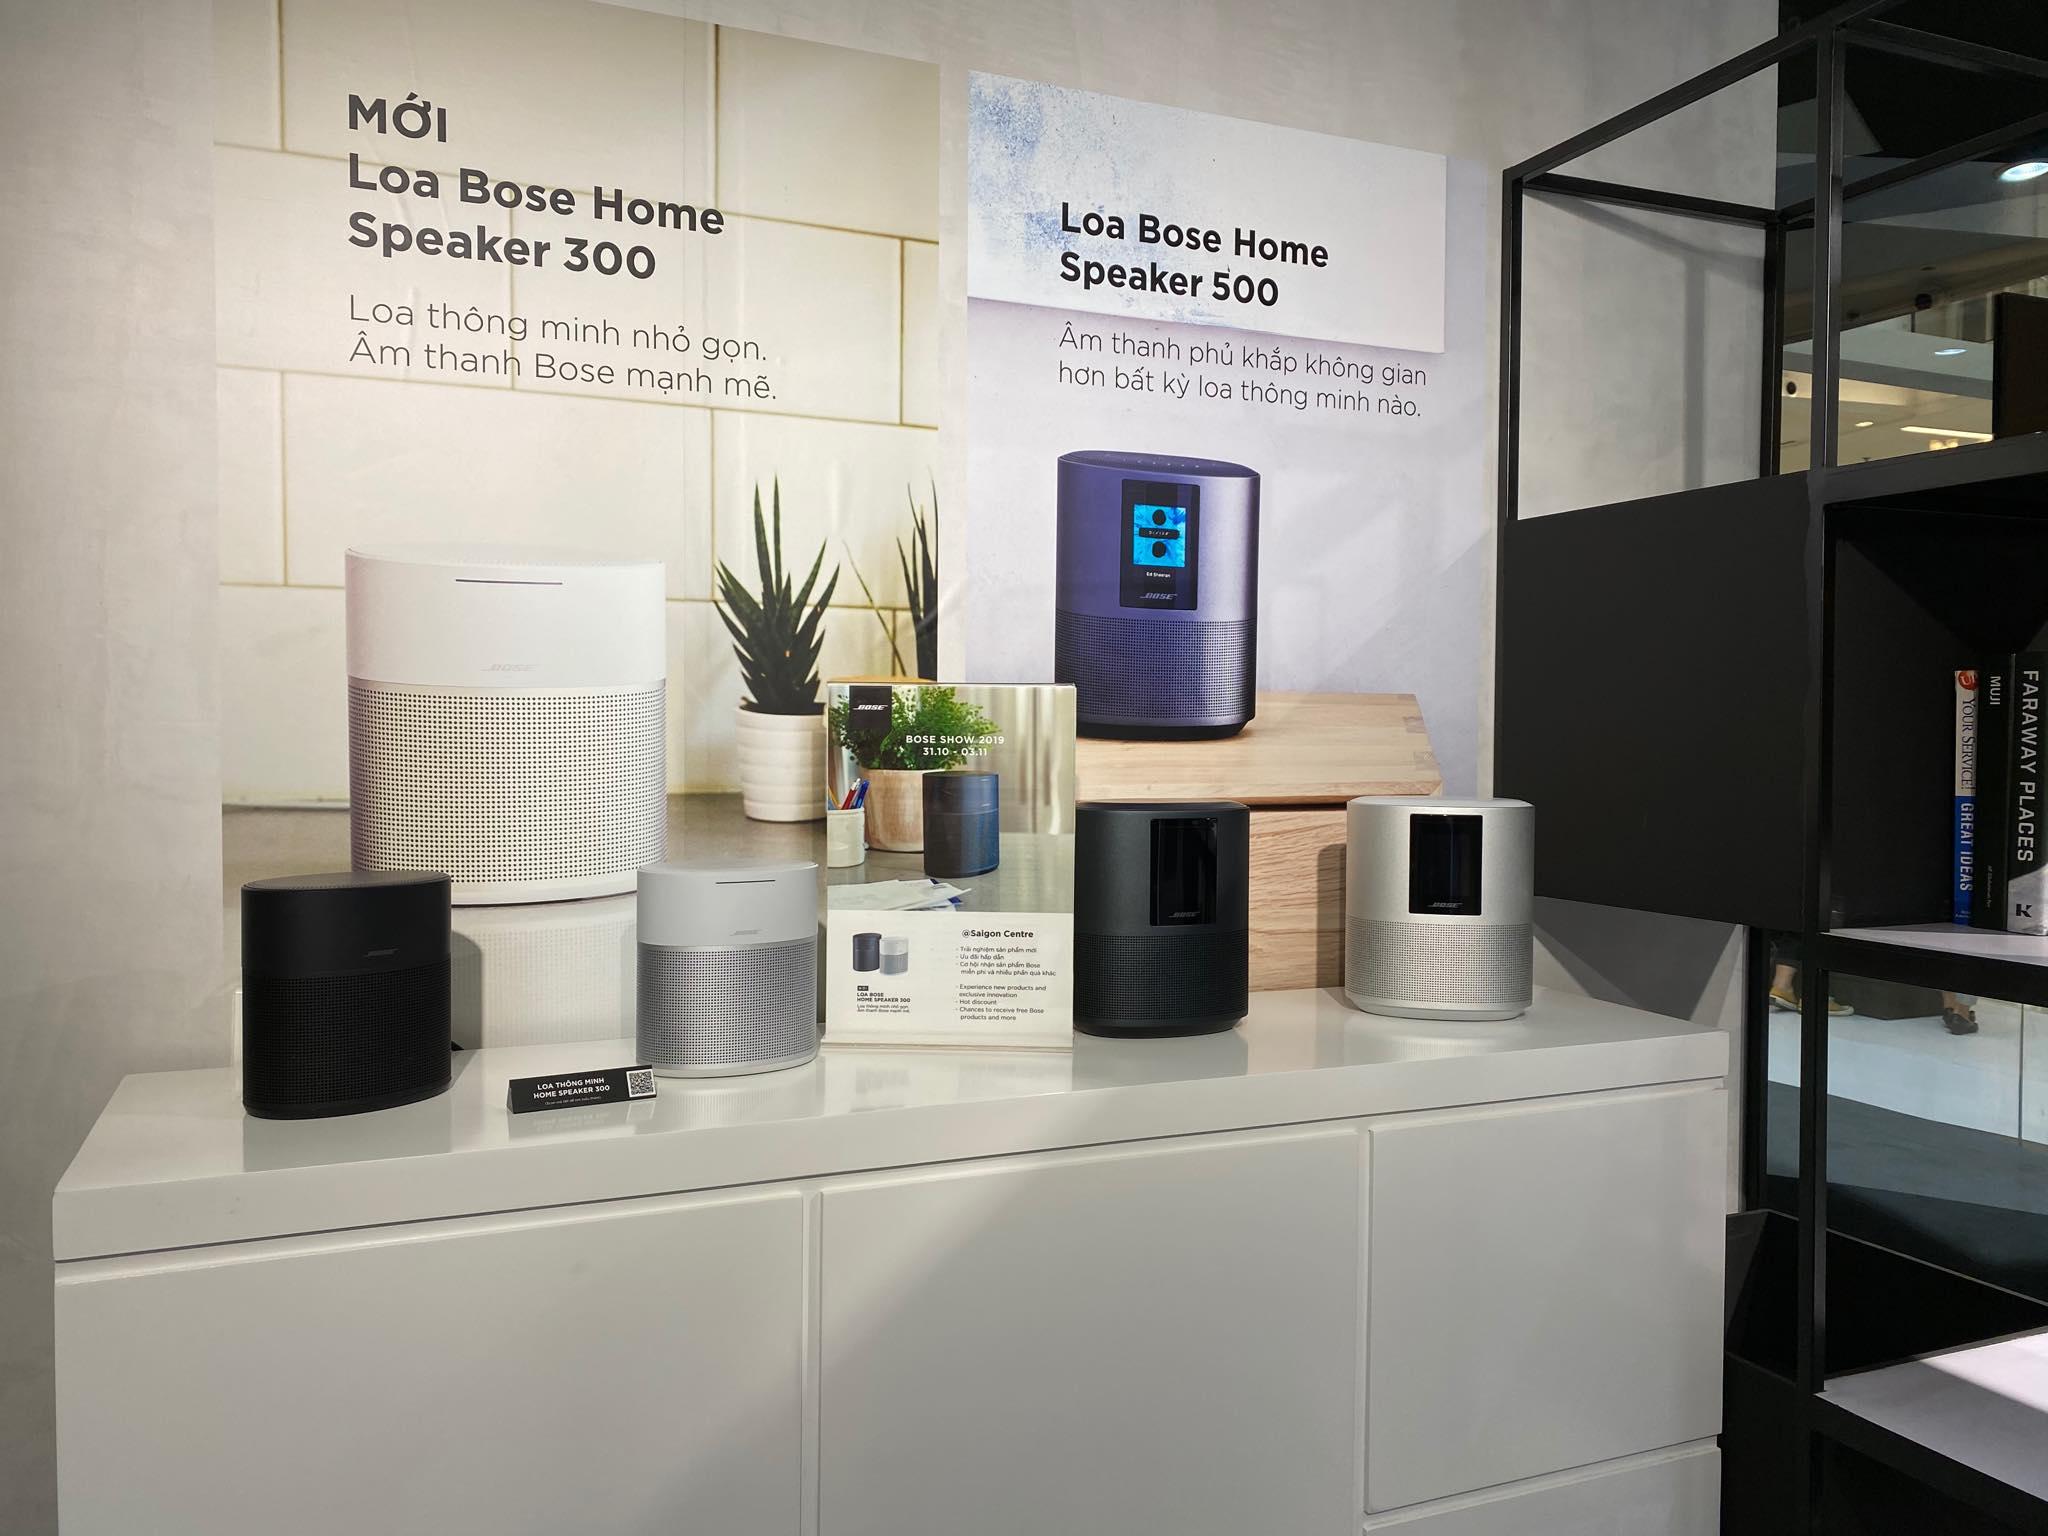 Bose Show 2019 – Sự kiện trải nghiệm sản phẩm âm thanh lớn nhất năm từ Bose